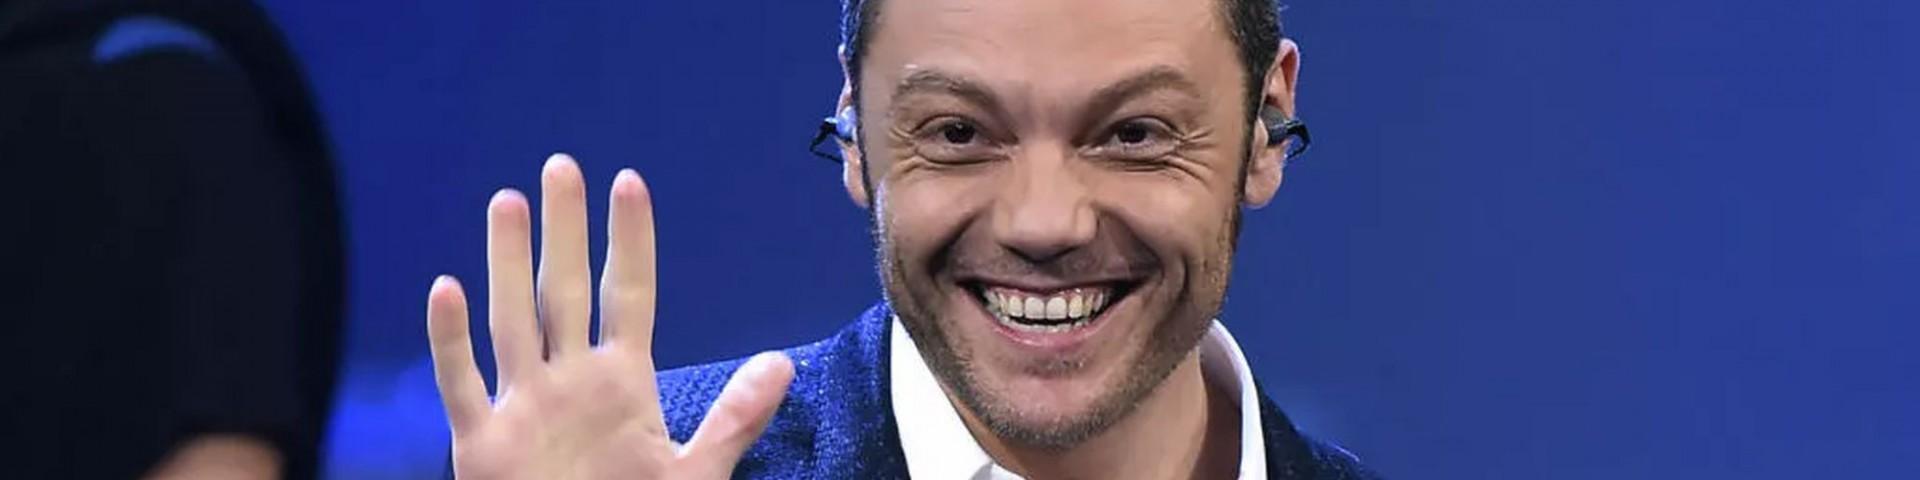 Tiziano Ferro raddoppia a San Siro: seconda data a Milano per il tour 2020